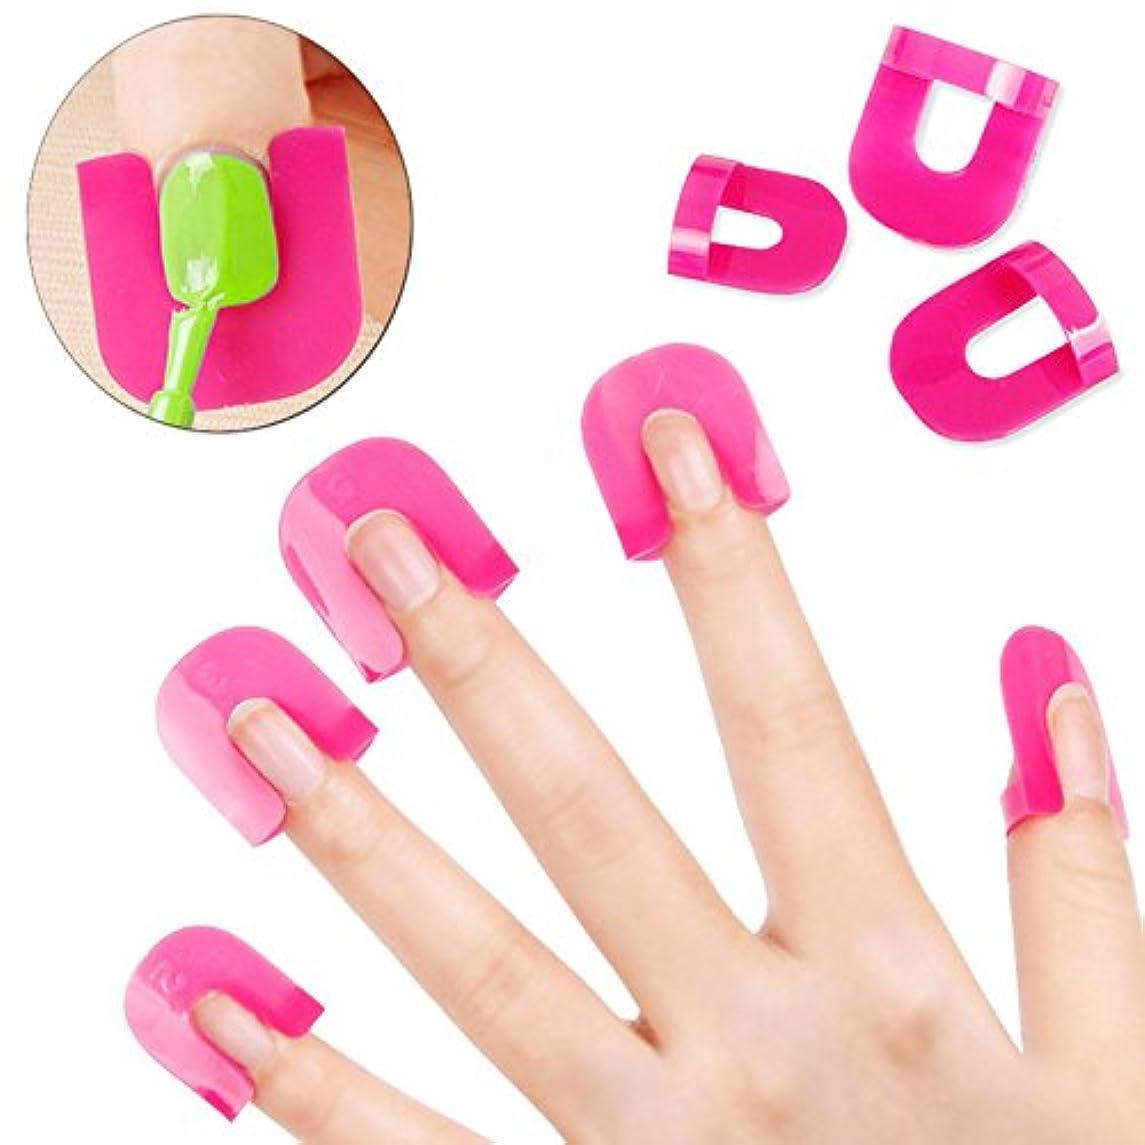 プログレッシブ参照歯痛New 26PCS Professional French Nail Art Manicure Stickers Tips Finger Cover Polish Shield Protector Plastic Case Salon Tools Set